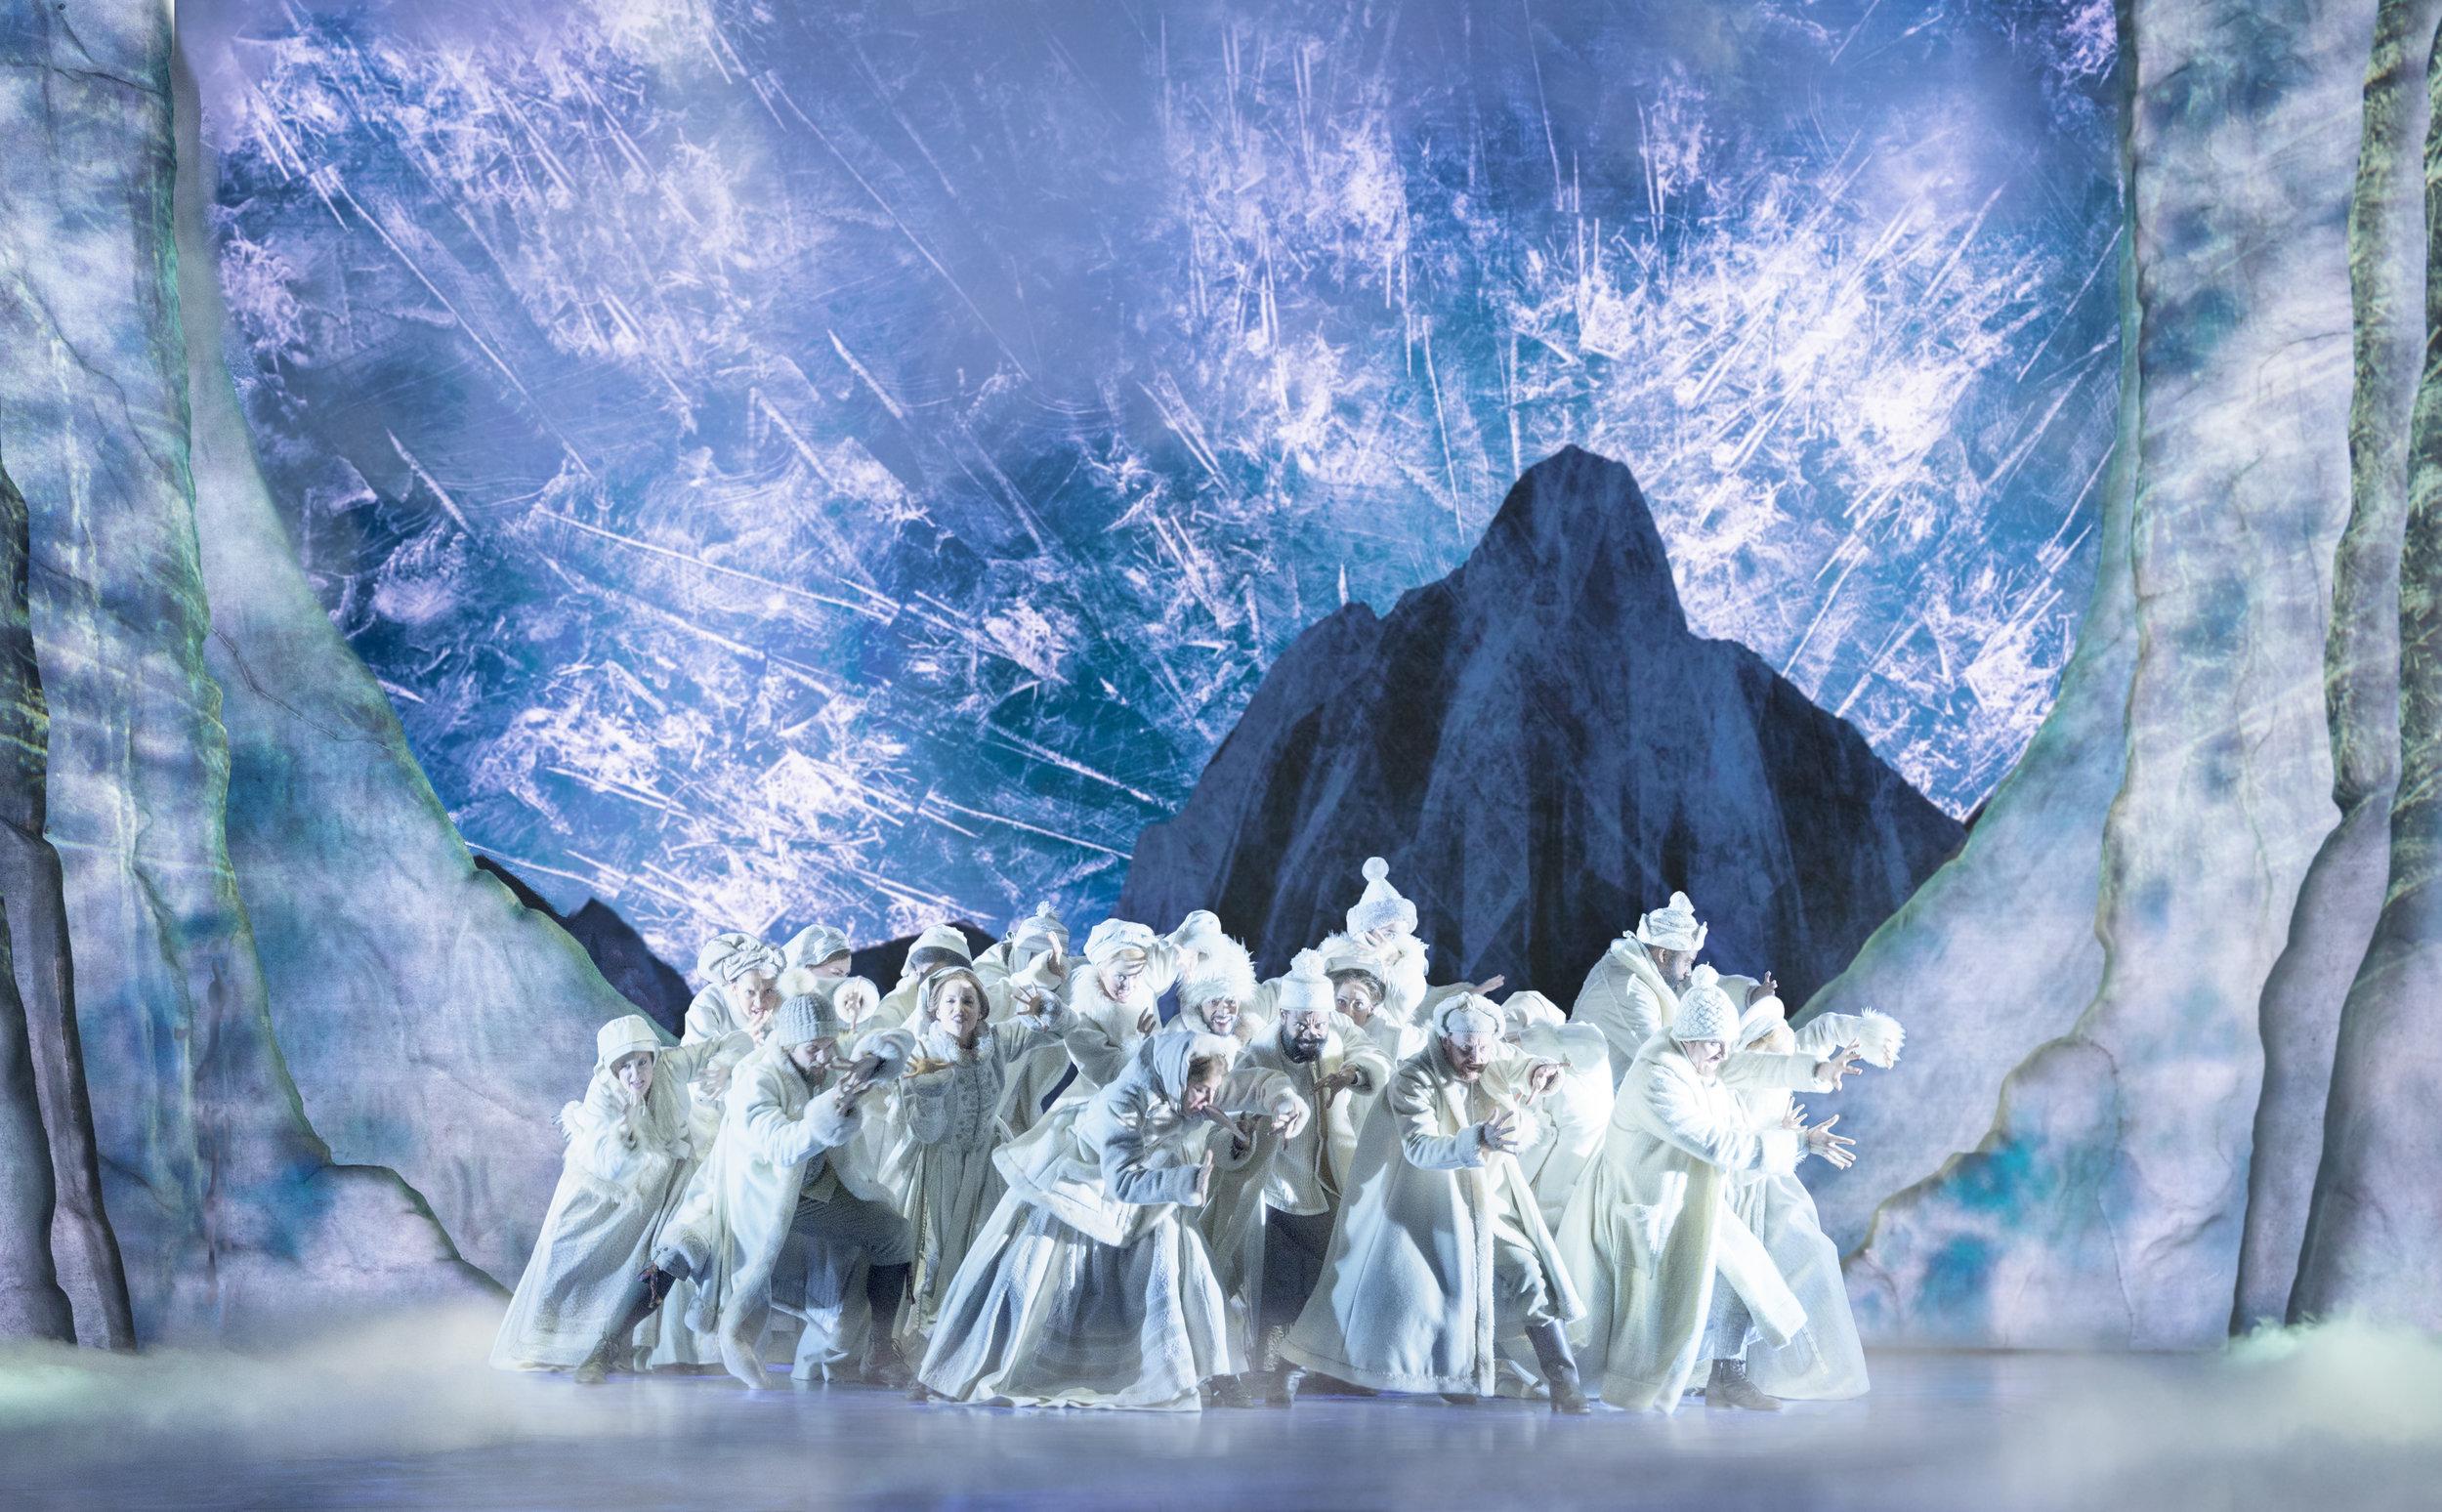 The Company of FROZEN on Broadway Photo by Deen van Meer.jpg